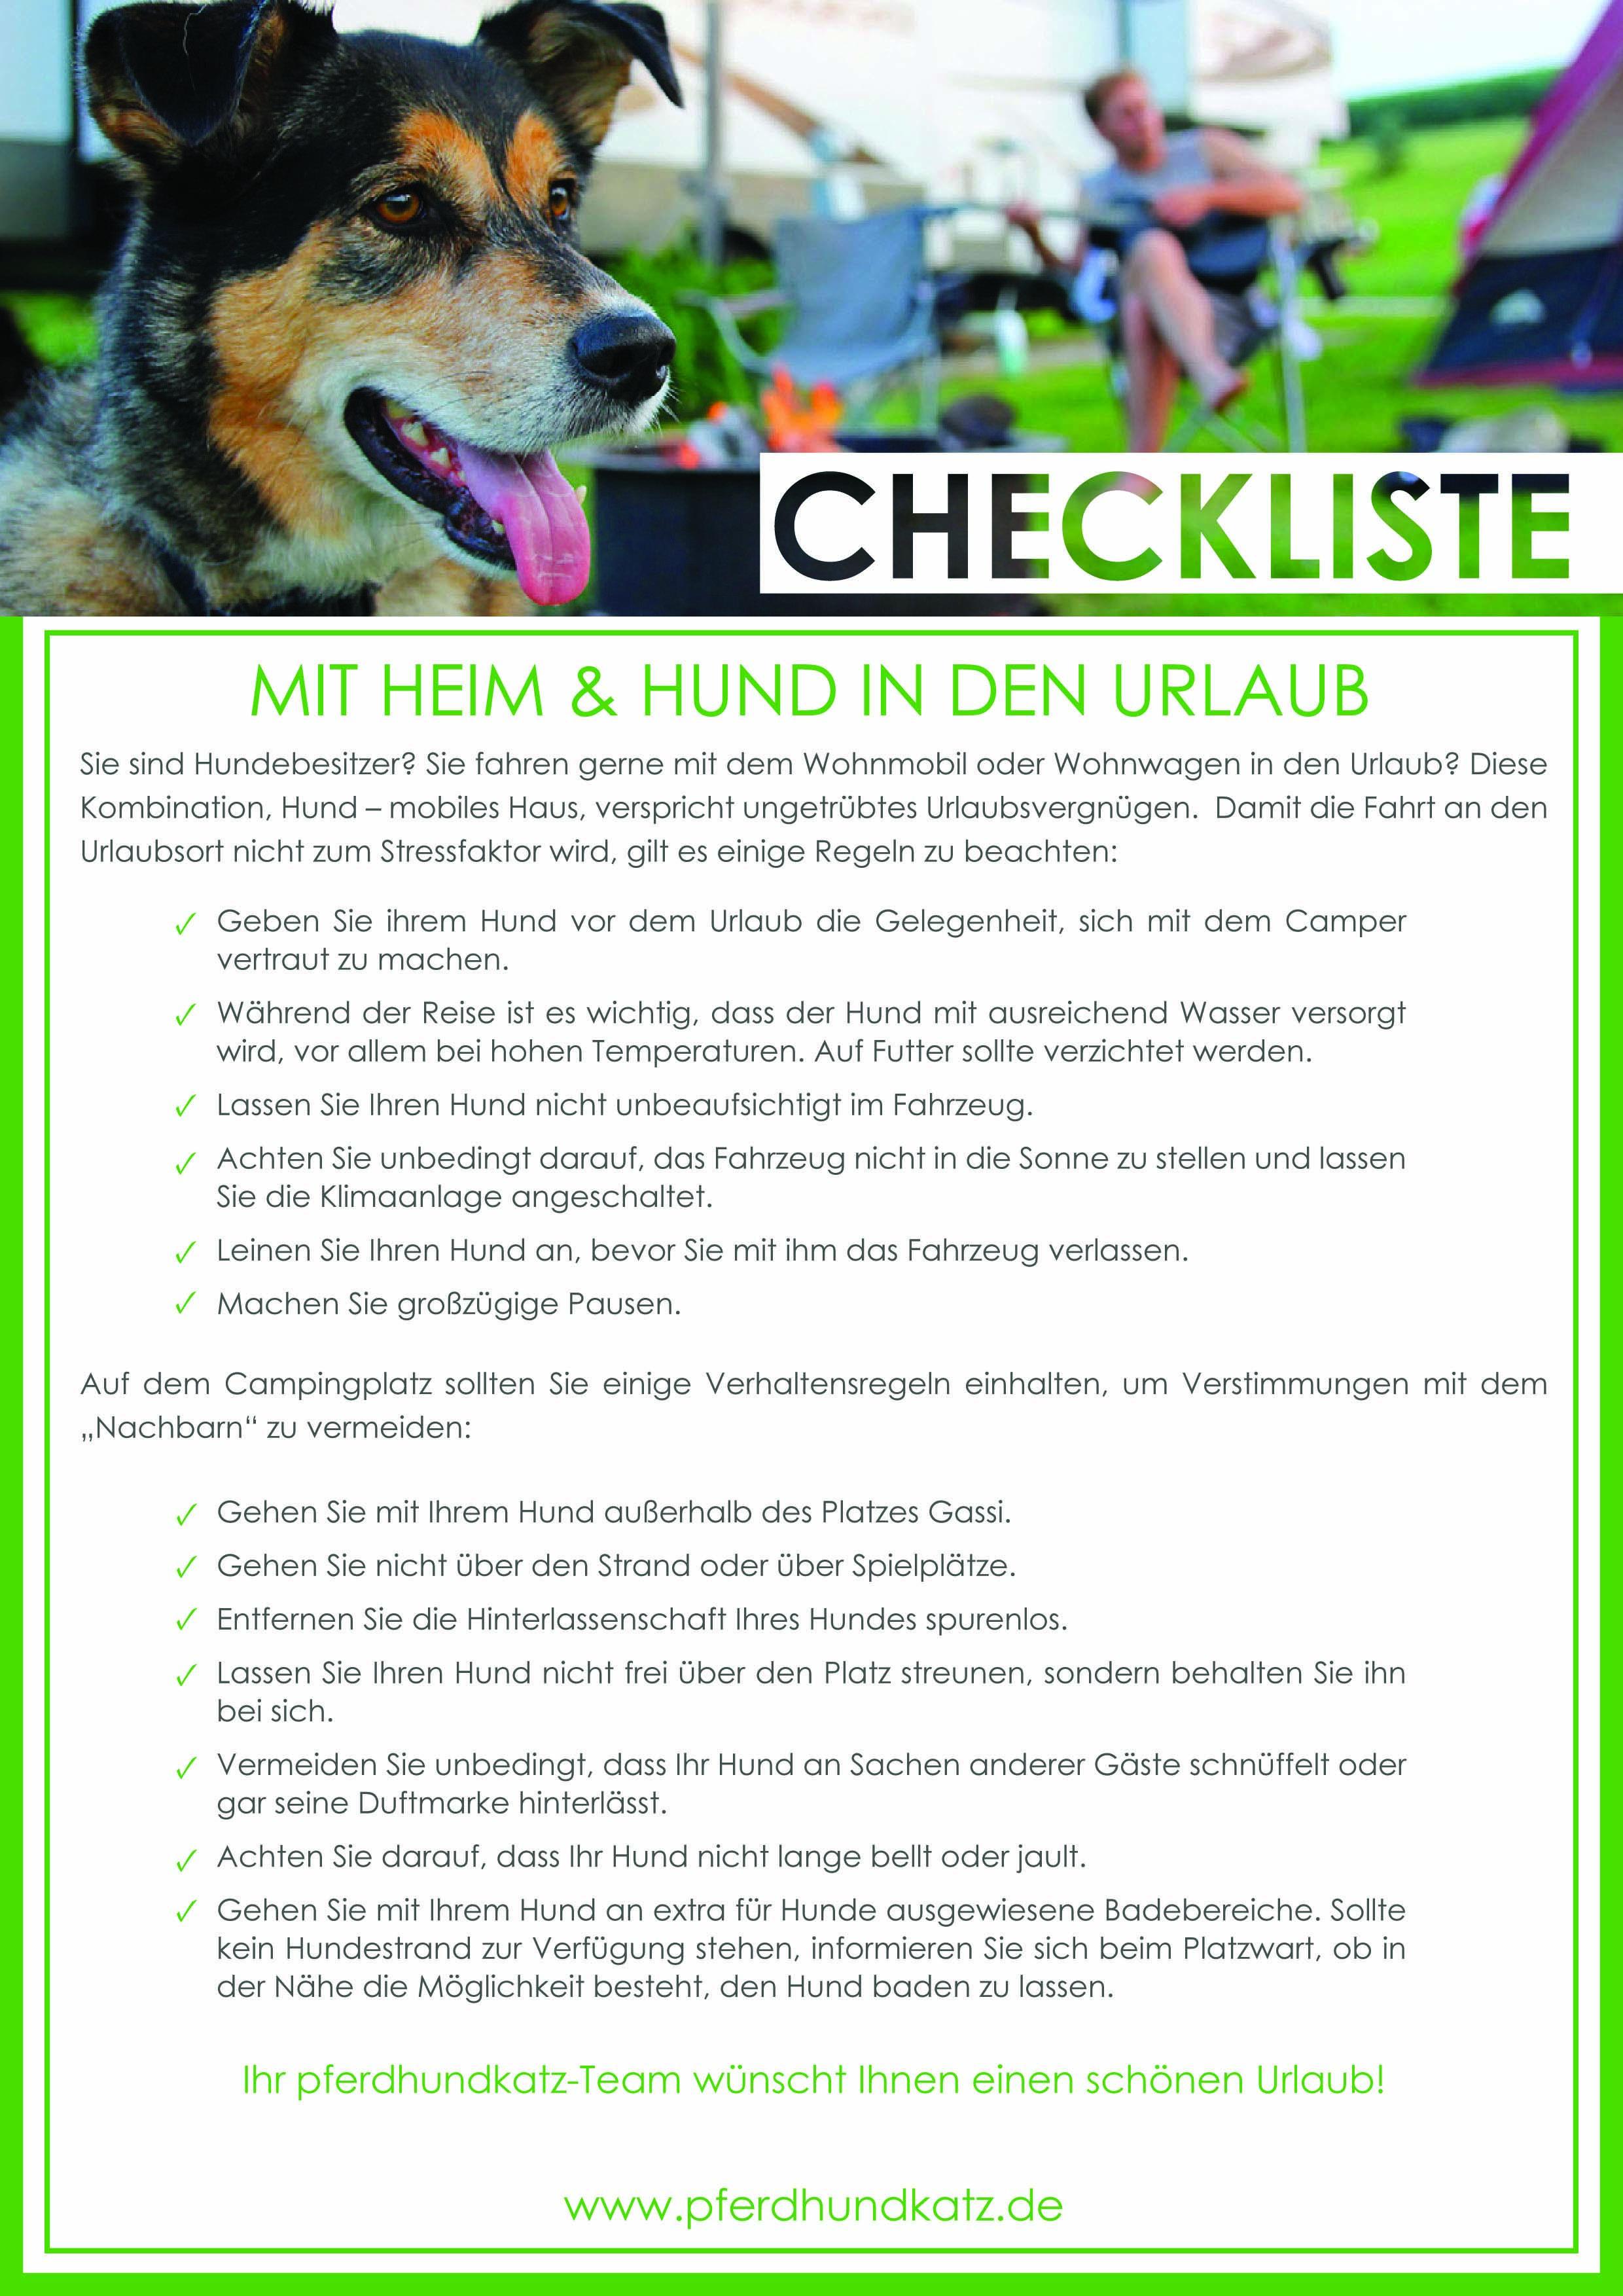 checkliste-mit-heim-und-hund-in-urlaub1-Kopie59524cb9a4667